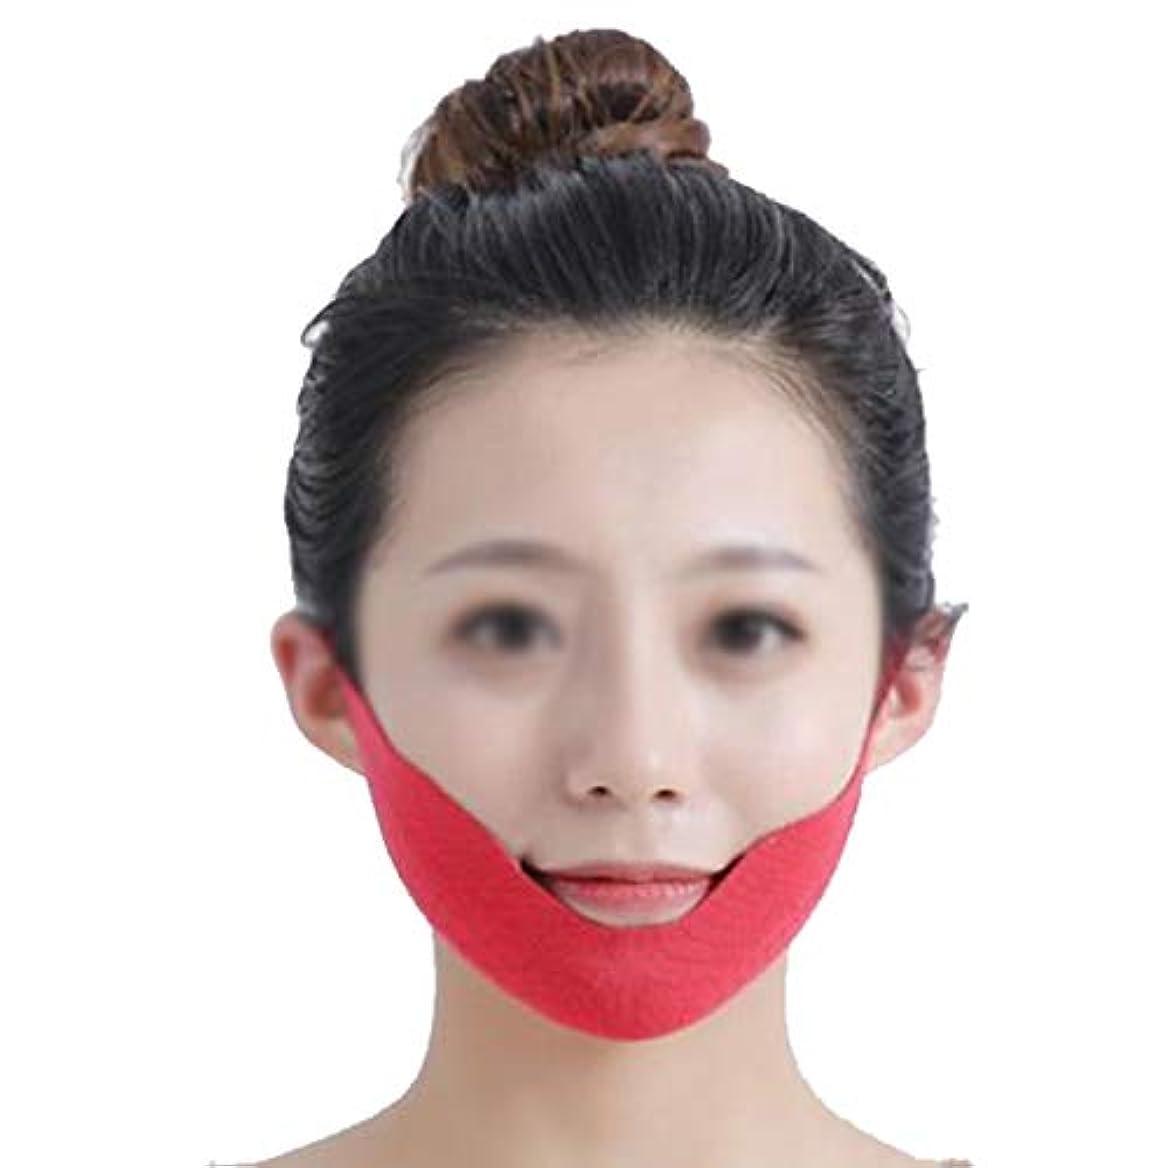 割り当てる贅沢な破滅的なZWBD フェイスマスク, 薄いフェイスマスク小さなVフェイスマスクリフティングイヤーストラップ包帯アーティファクトペーストハイドロゲル